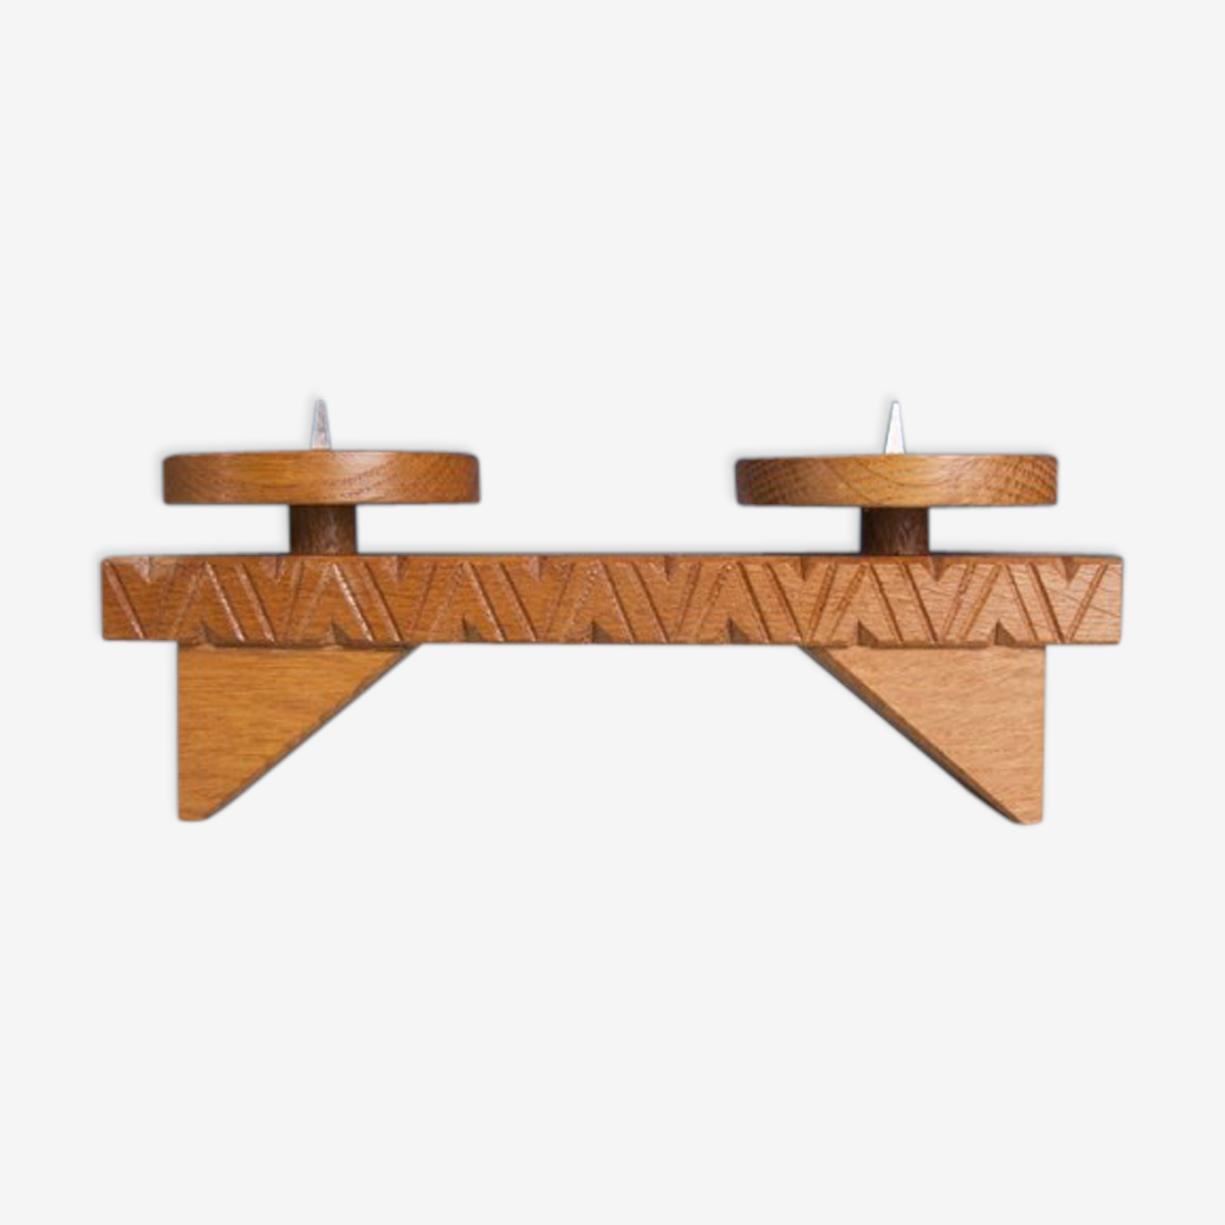 Chandelier en bois style scandinave